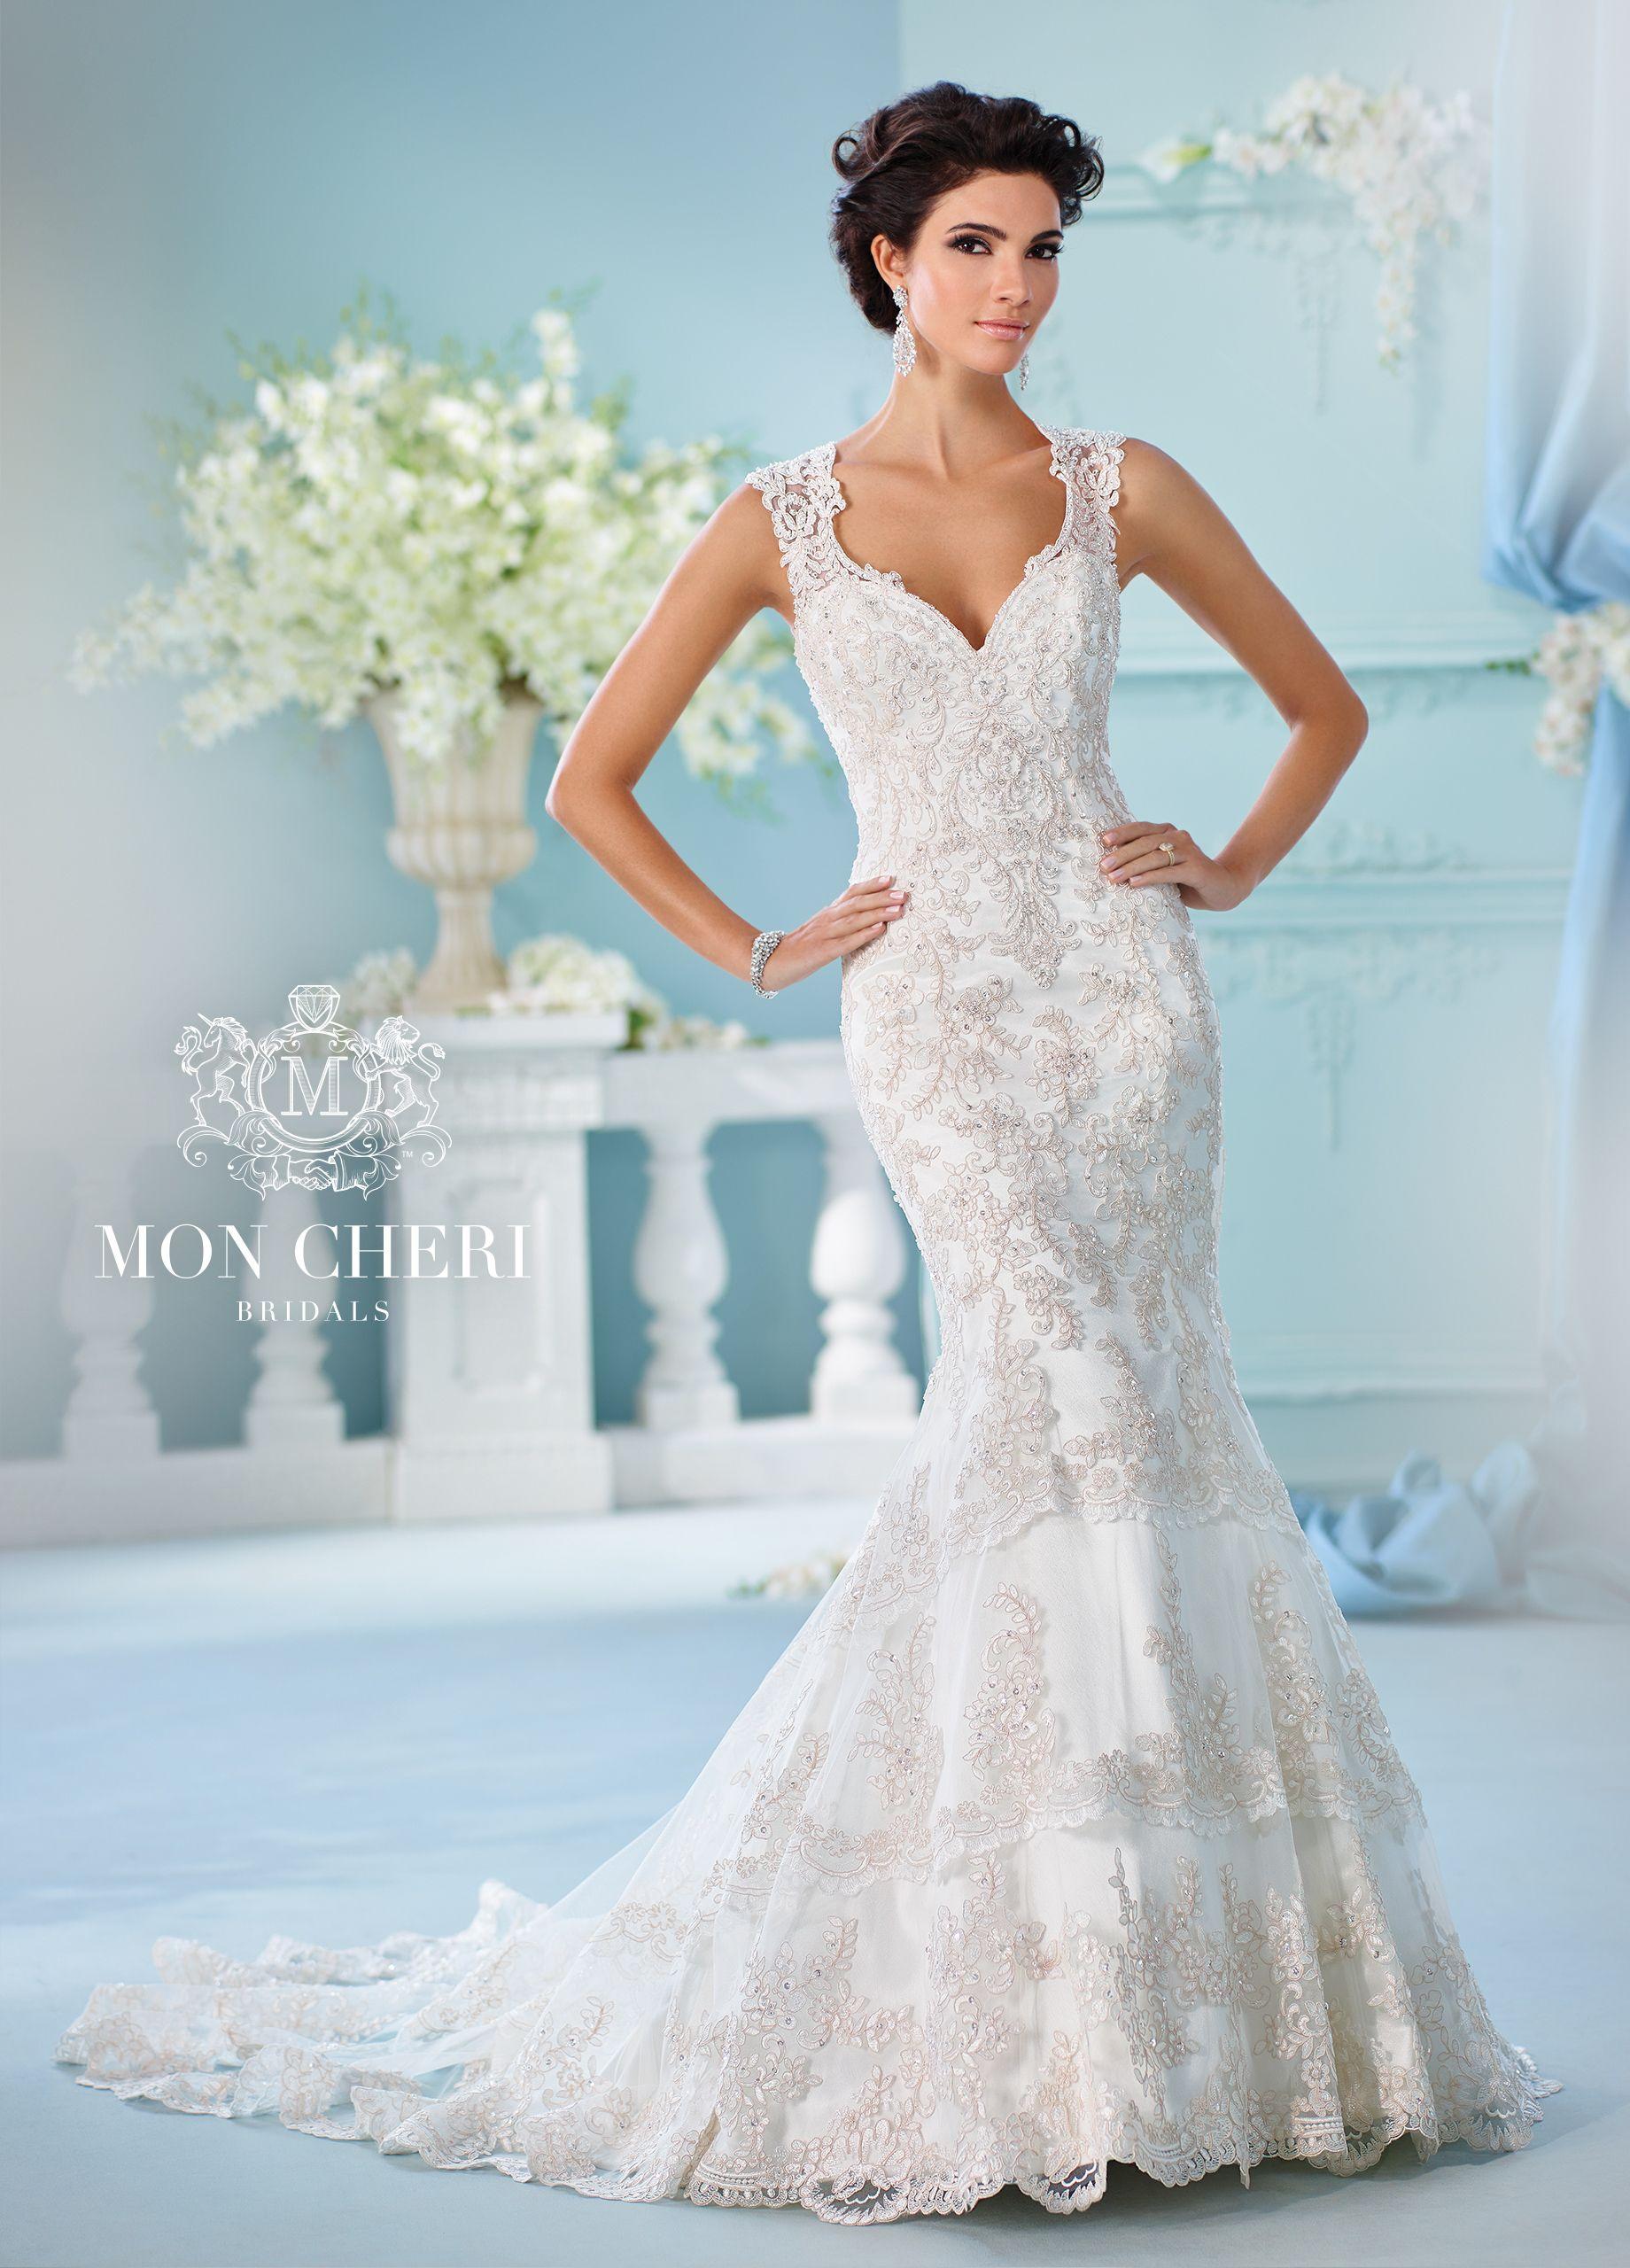 Slim fit wedding dresses  Double Keyhole Back Bodice  NeridaWedding Dress David Tutera